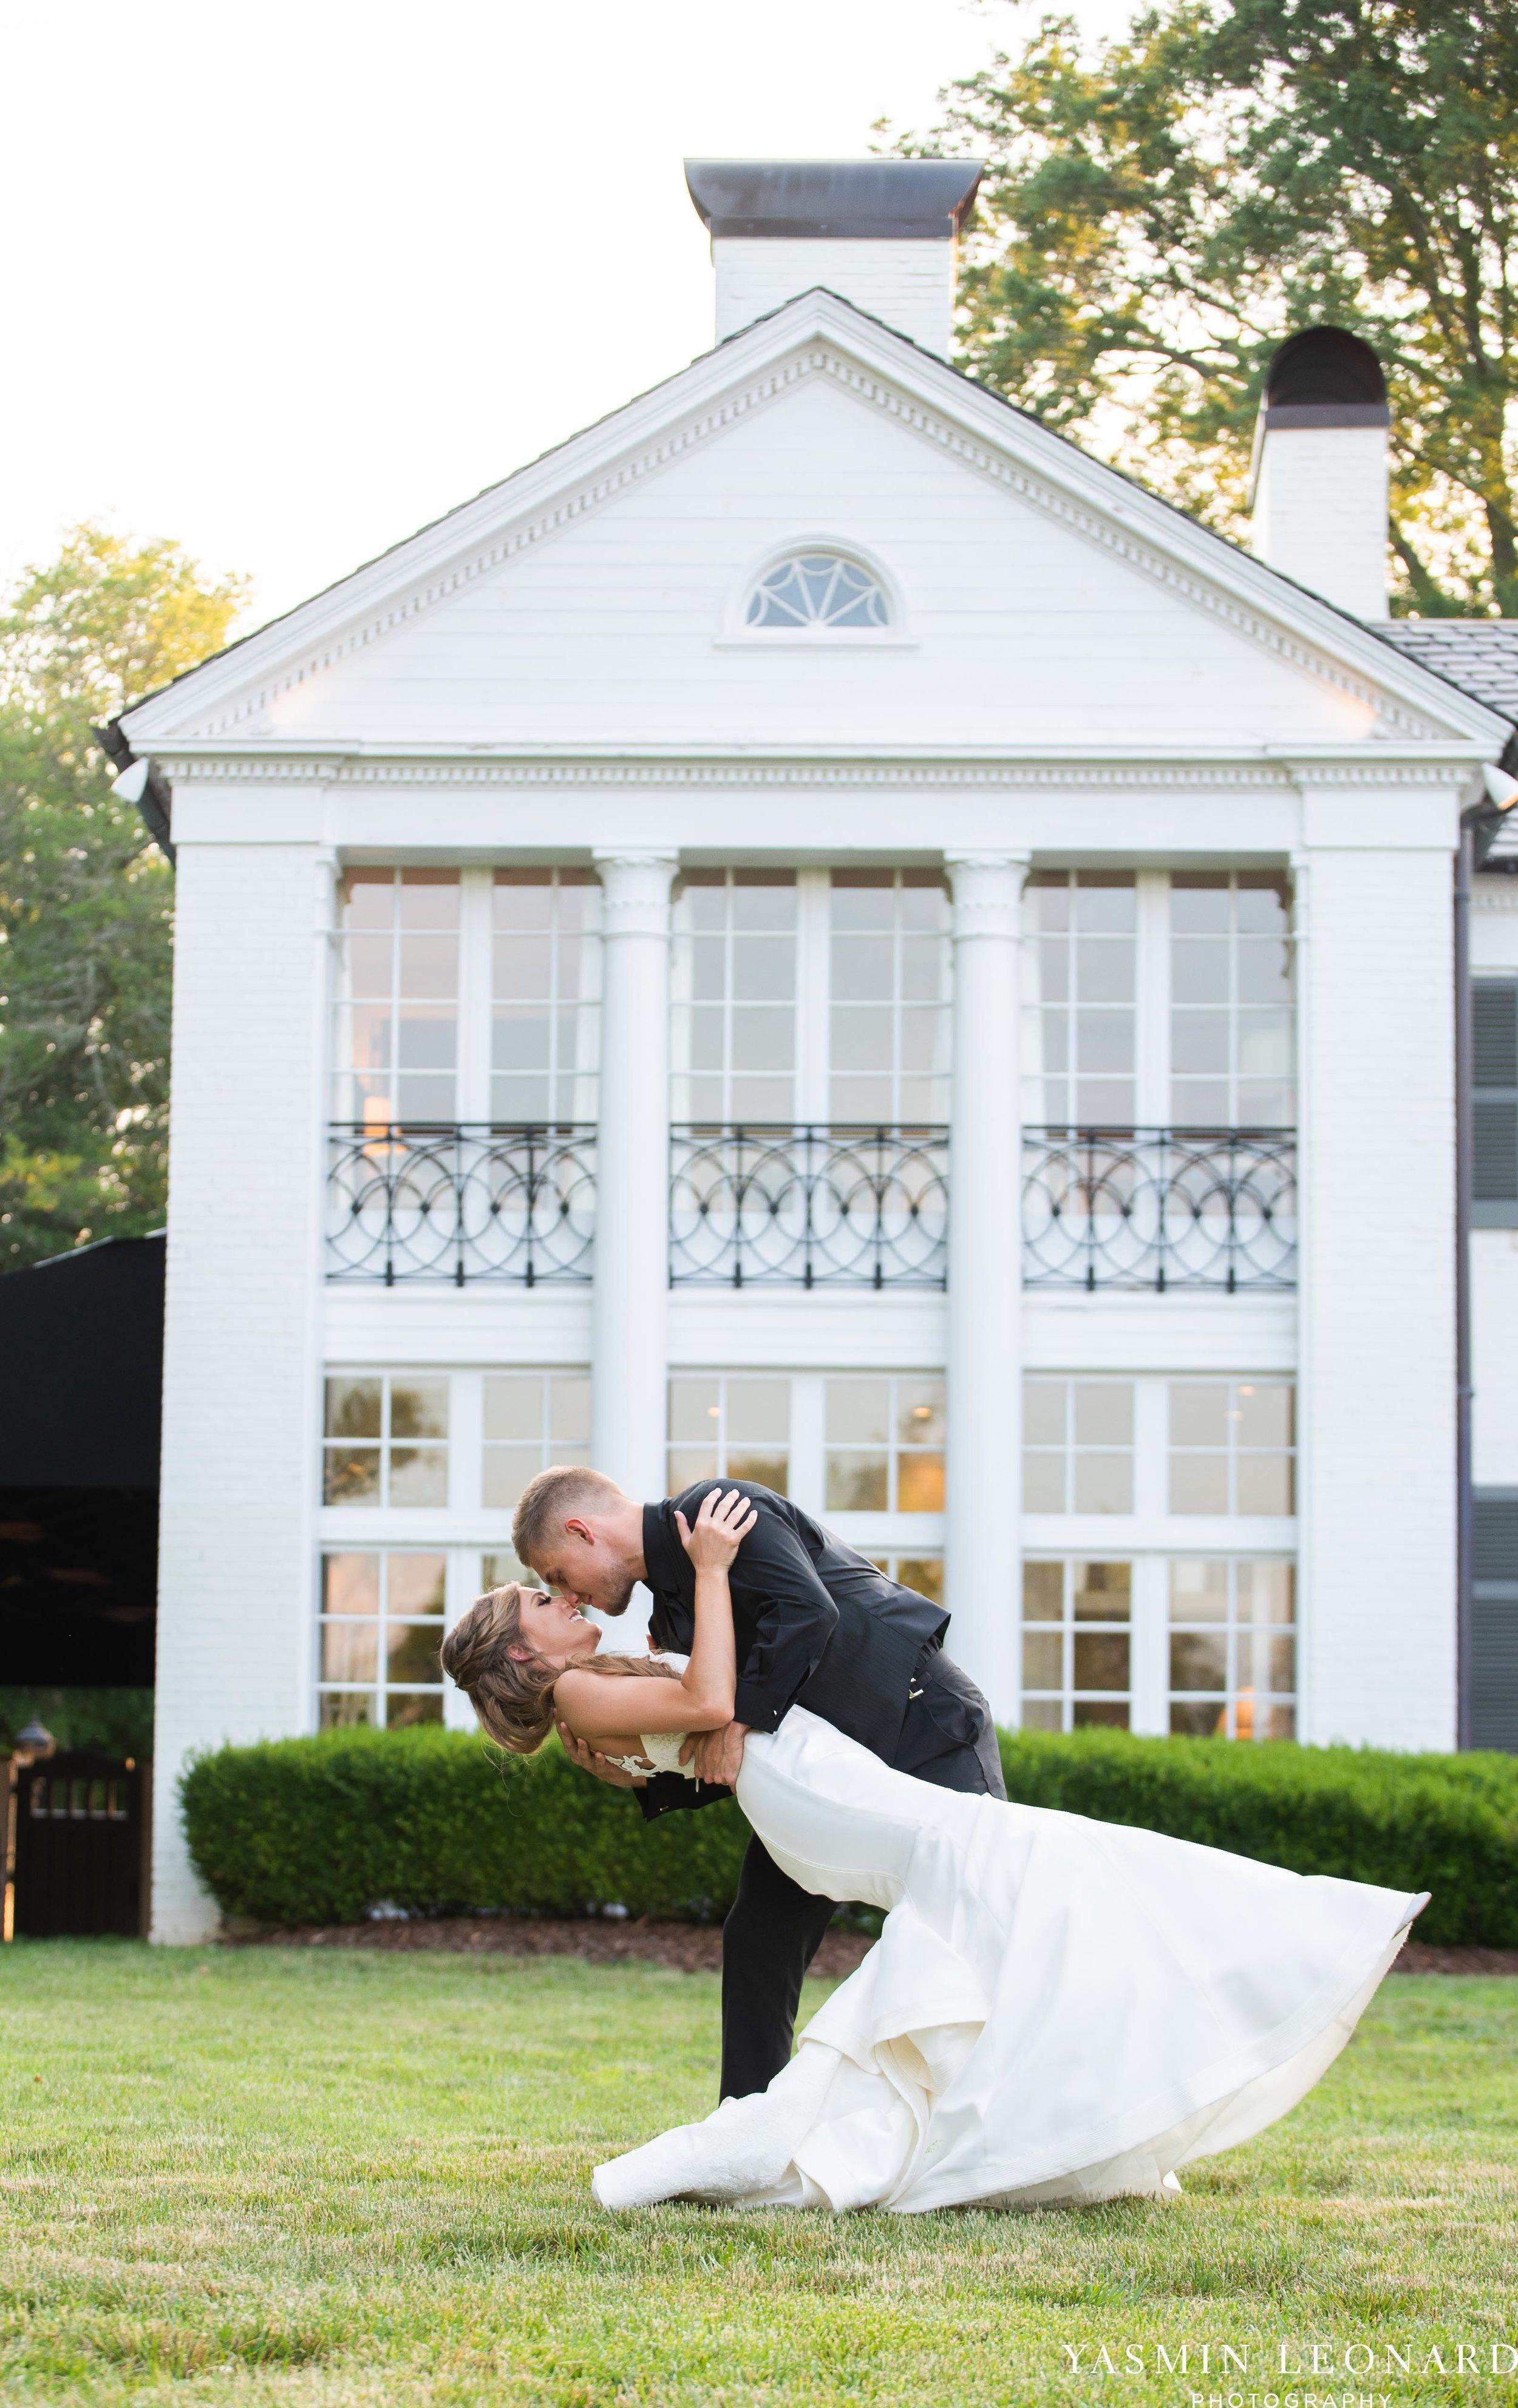 Boxwood Estate - Boxwood Estate Wedding - Luxury Wedding - Black and White Wedding - NC Wedding Venues - NC Weddings - NC Photographer - Lantern Release Grand Exit - Large Wedding Party - Yasmin Leonard Photography-57.jpg